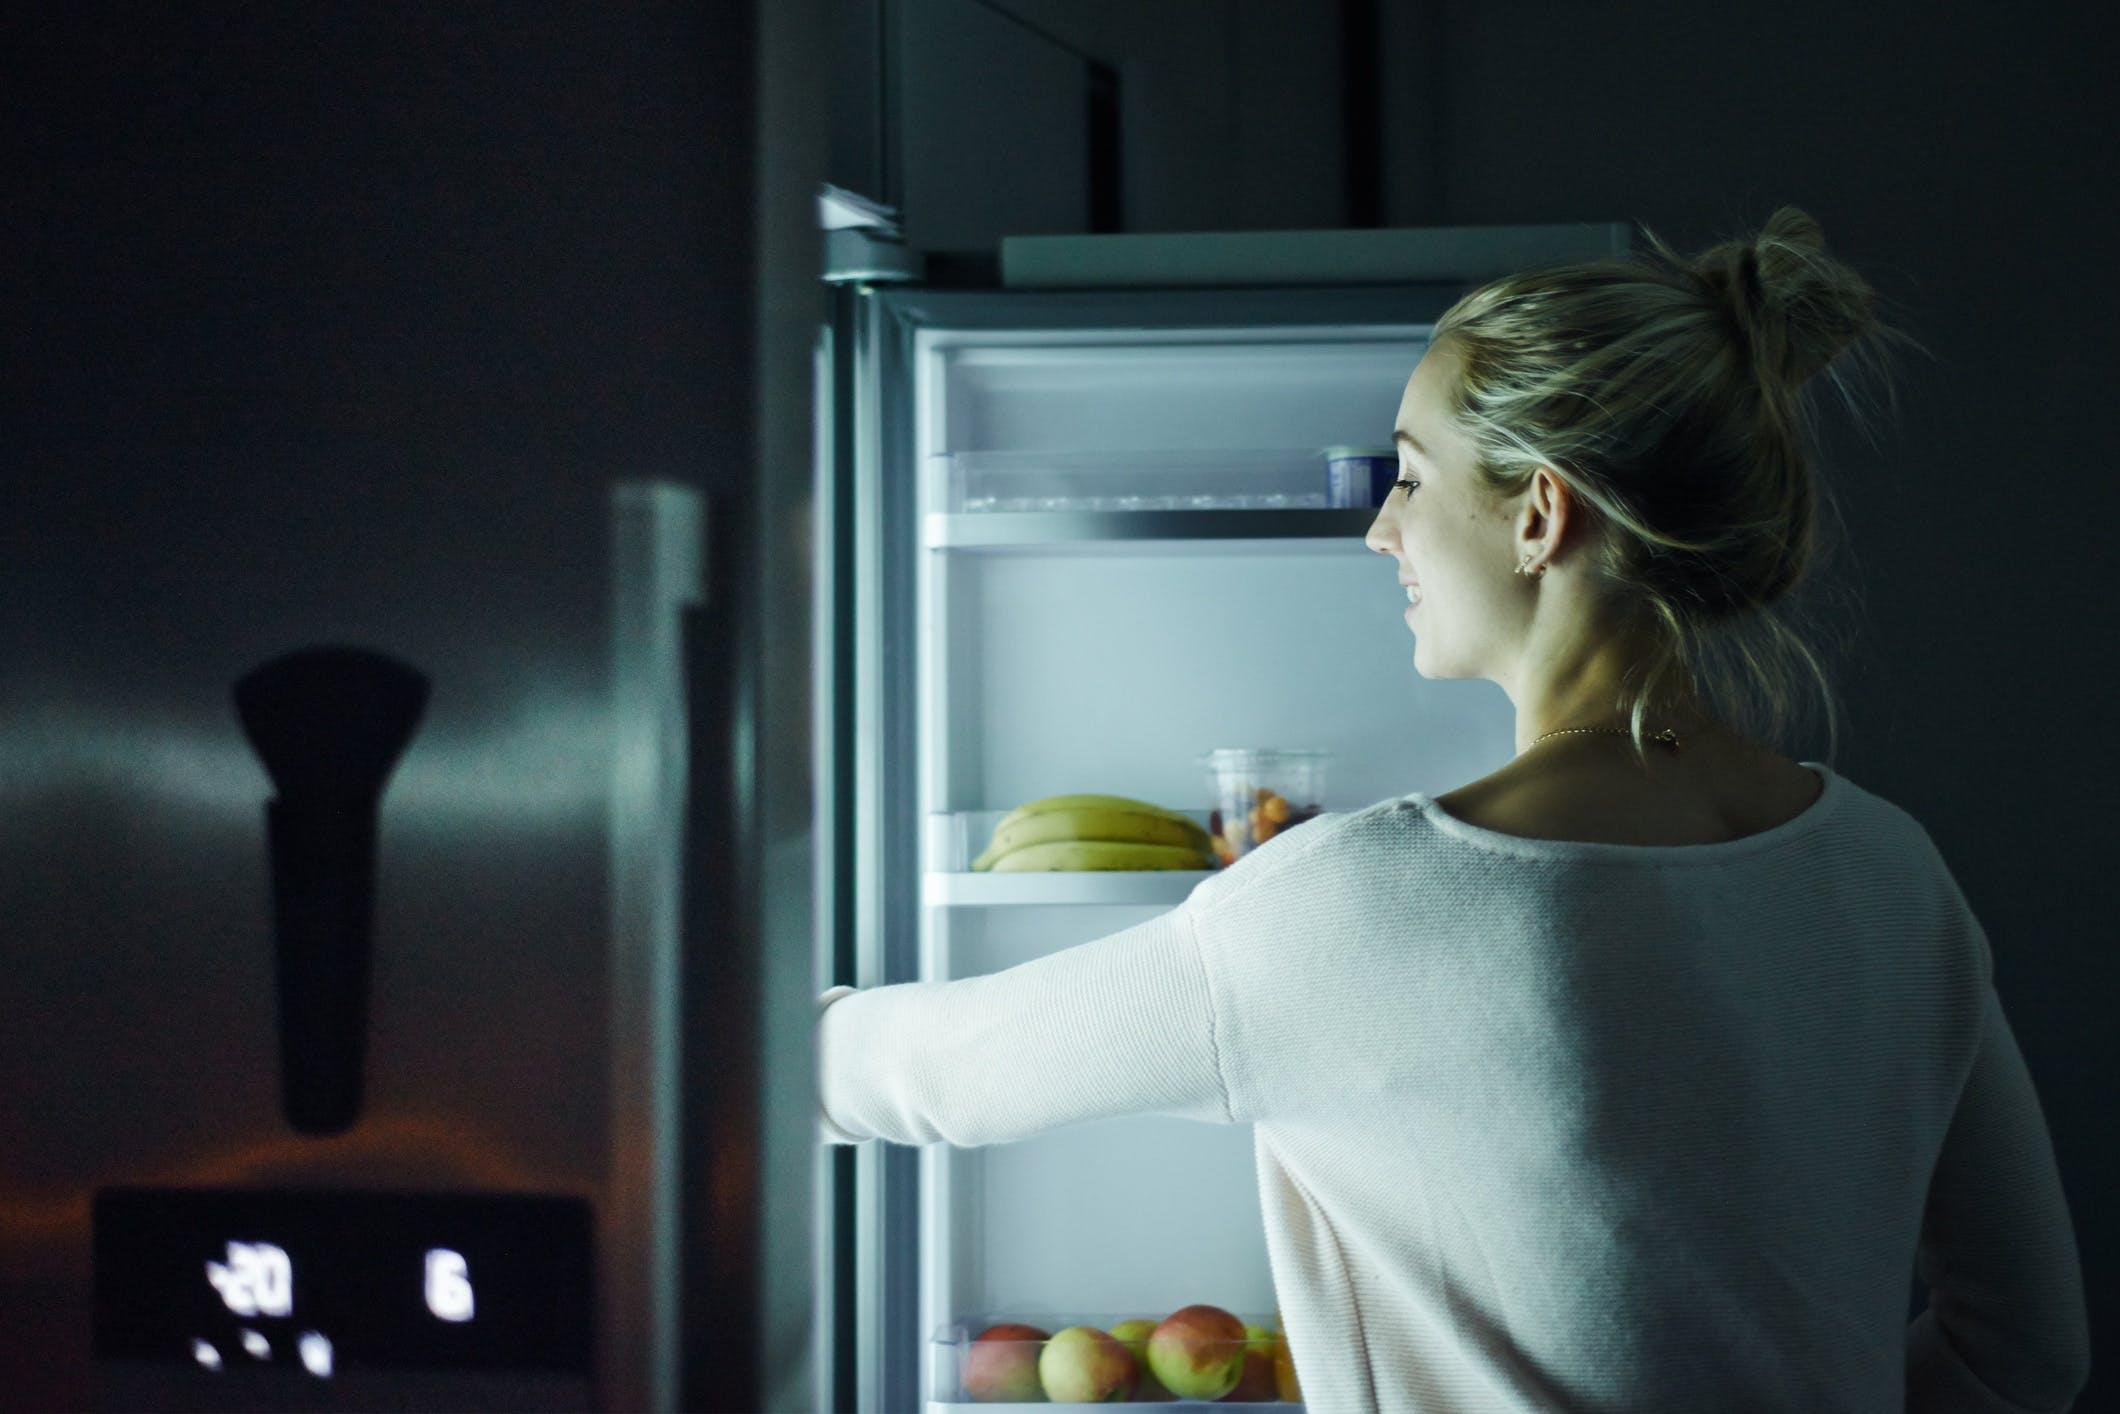 Titelbild-Frau-Kühlschrank-Studie-Automatisiertes-Bestellen-iStock-892227244-AJ-Watt